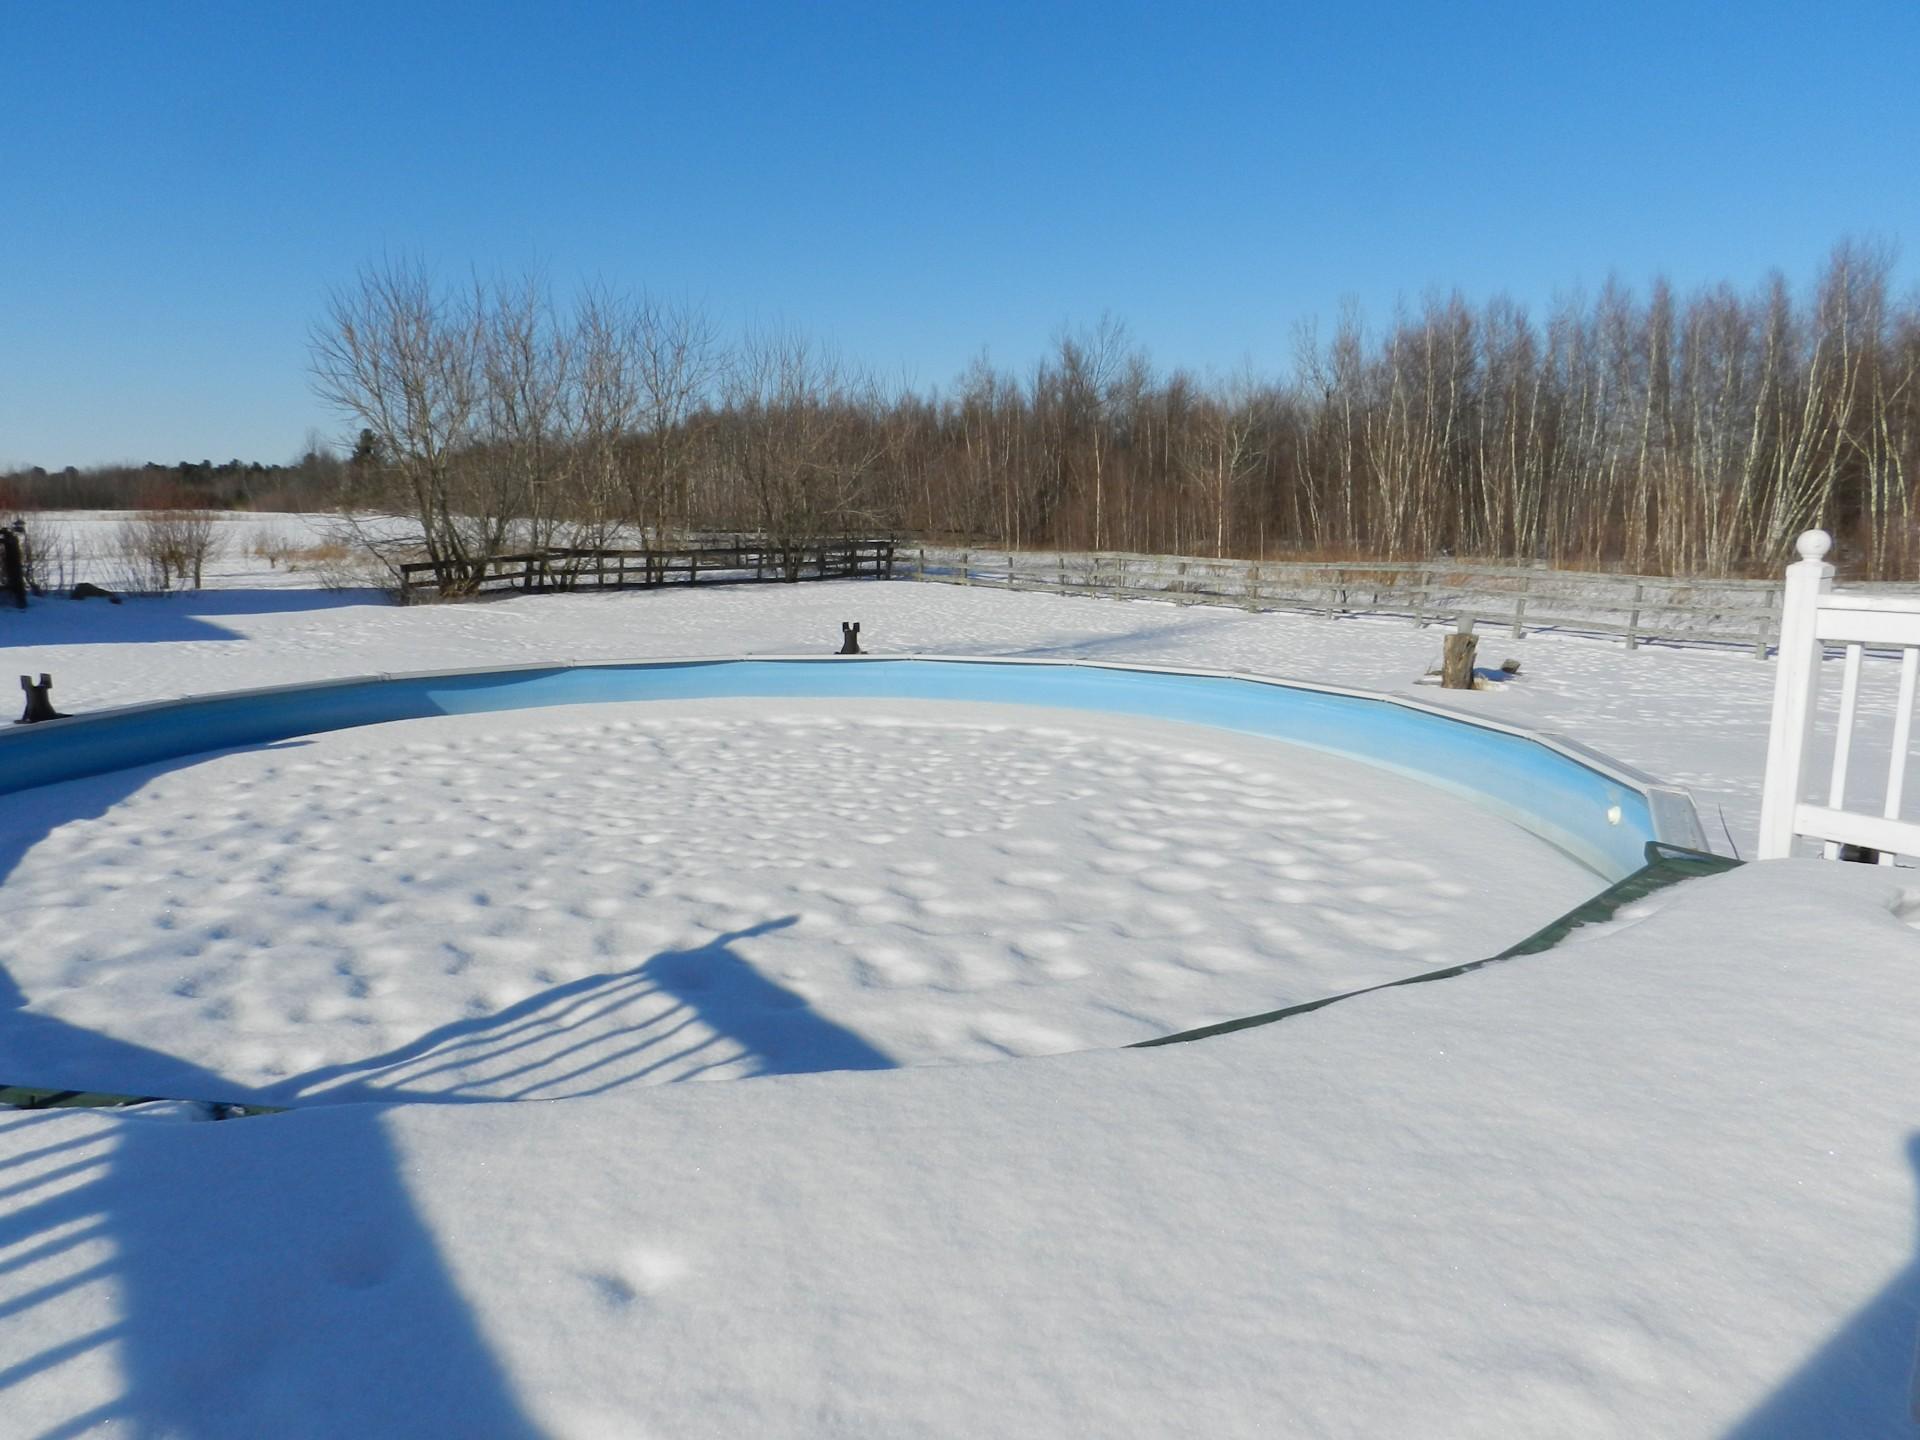 Tratamiento de piscinas en invierno